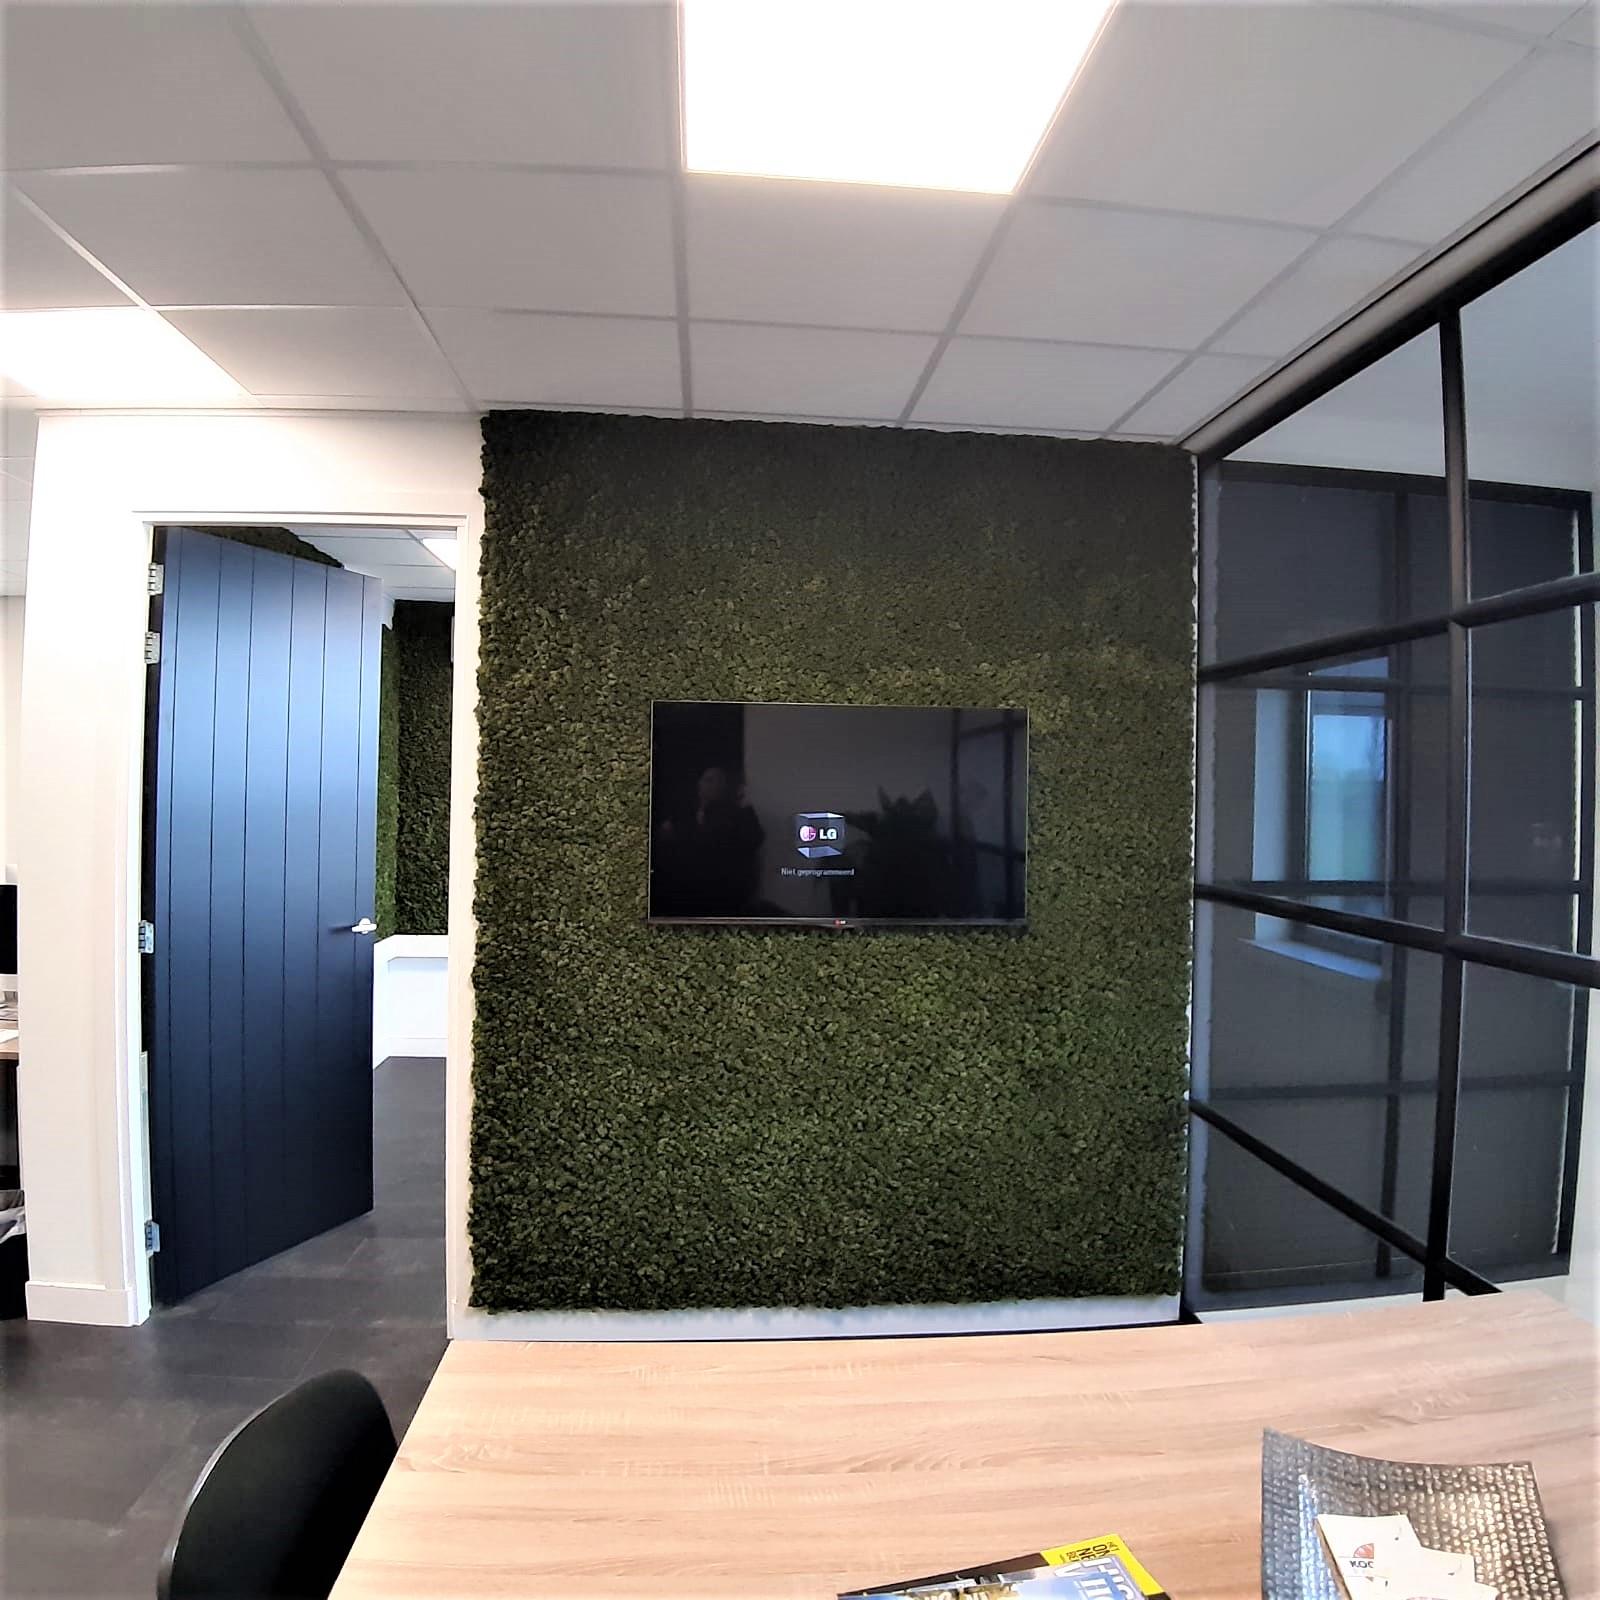 Moswand van rendiermos. Voor decoratie en om de akoestiek te verbeteren in dit modern kantoor waar veel glas en mooie moderne zwarte kozijnen zijn toegepast